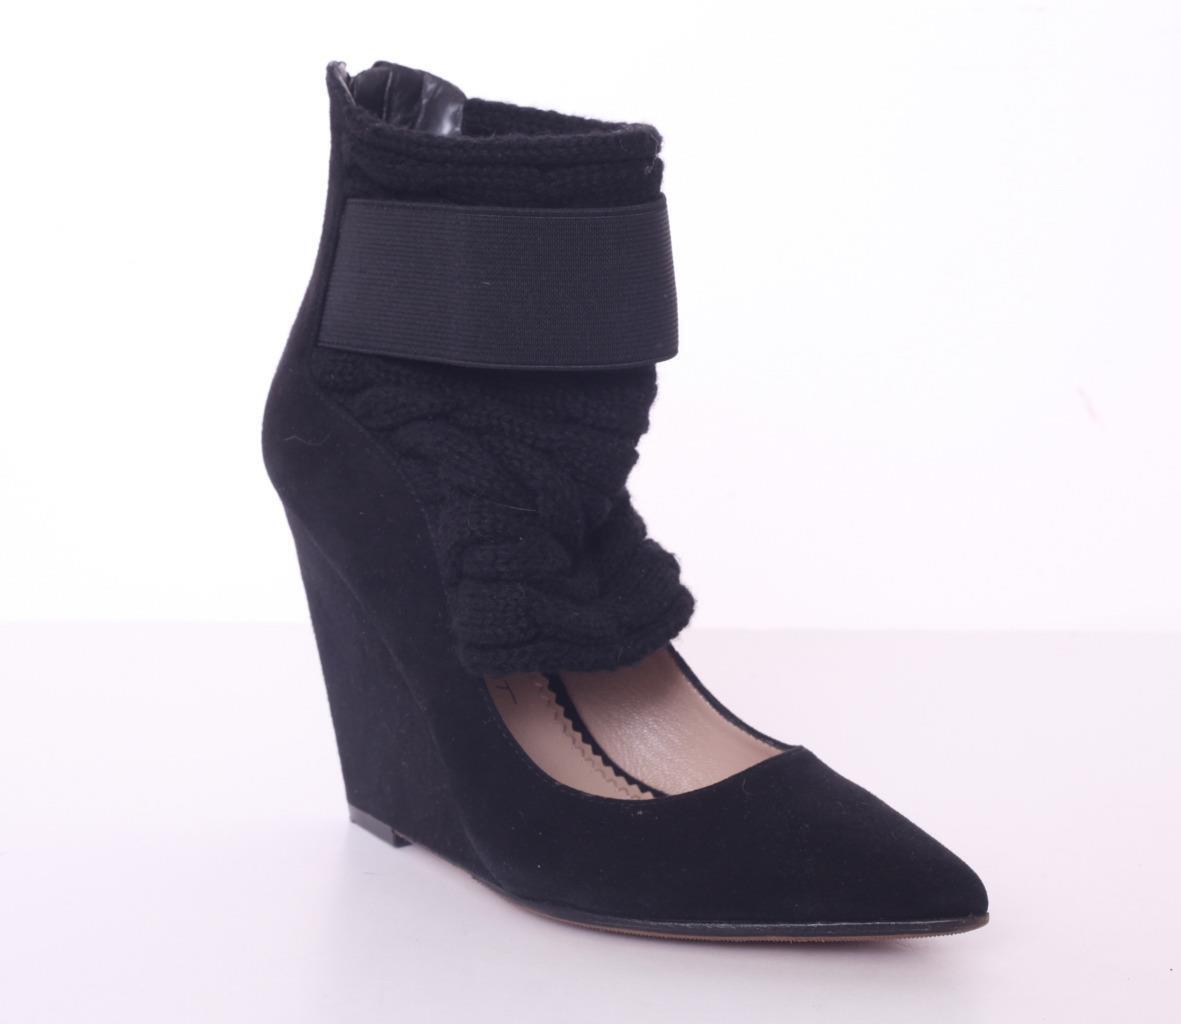 JEAN-MICHEL CAZABAT Black Suede & Knit High Heel Zip-Up Wedge Pump shoes 7.5-37.5